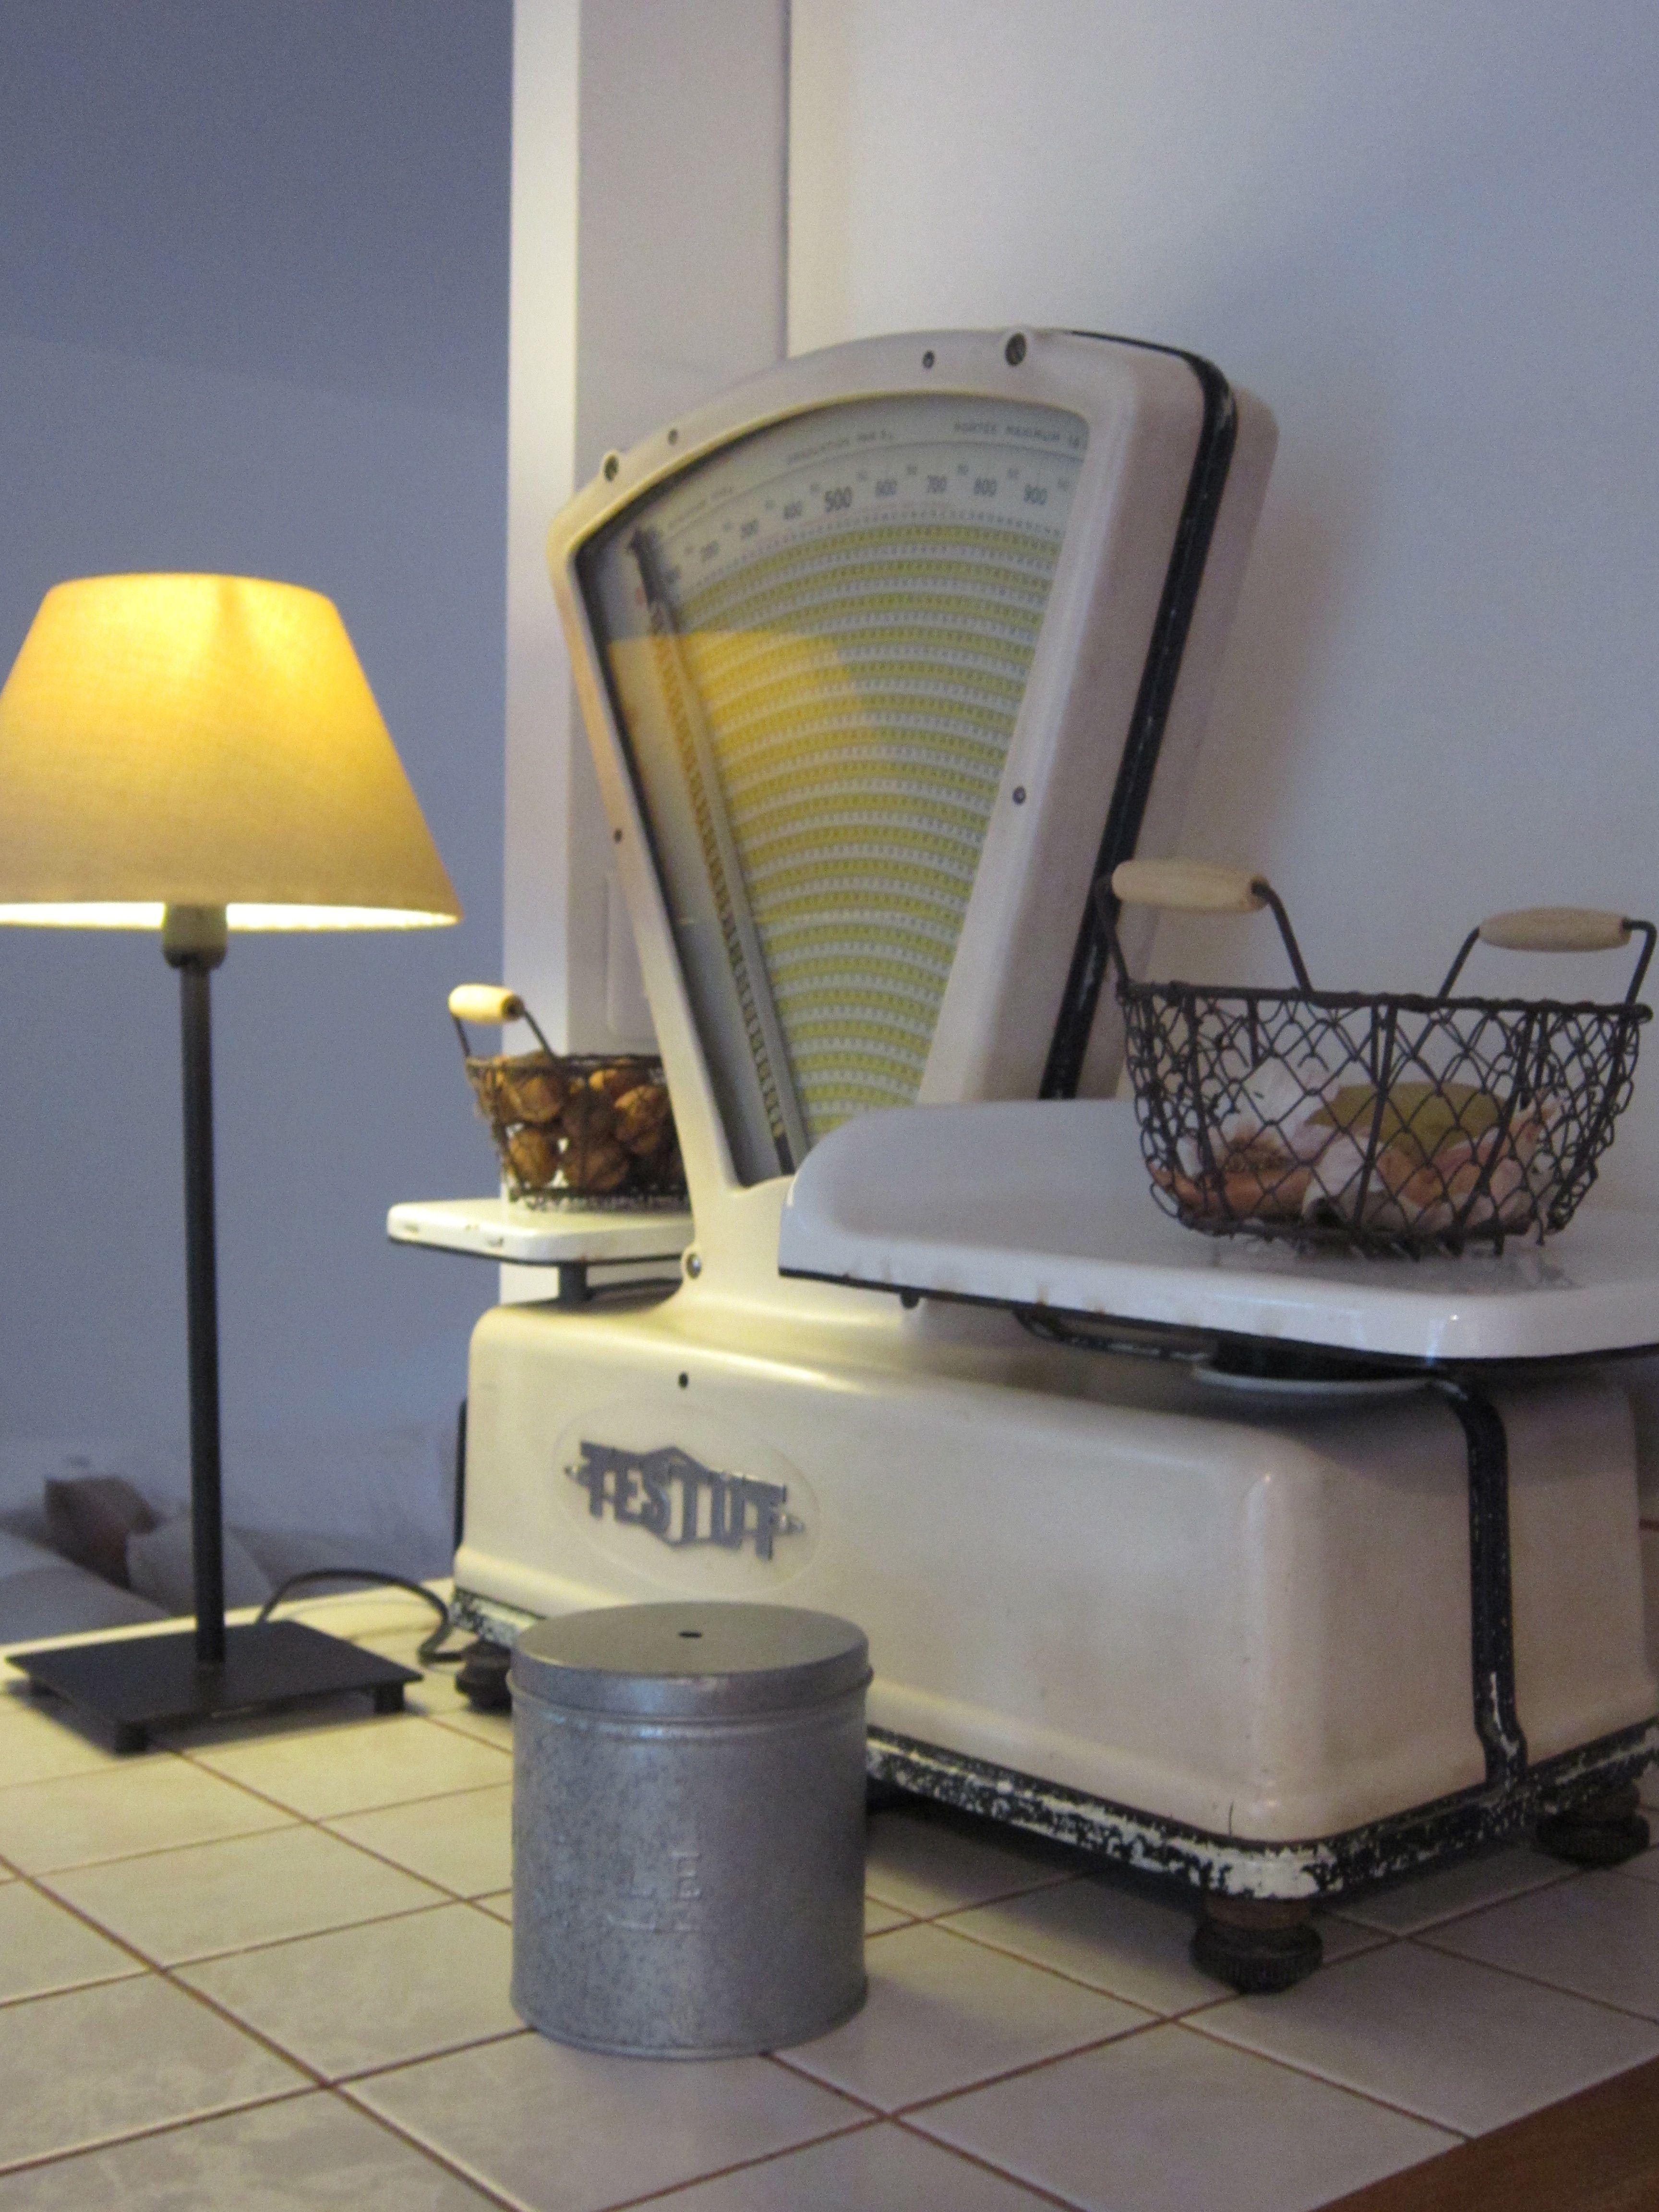 balance testut vintage scales pinterest. Black Bedroom Furniture Sets. Home Design Ideas